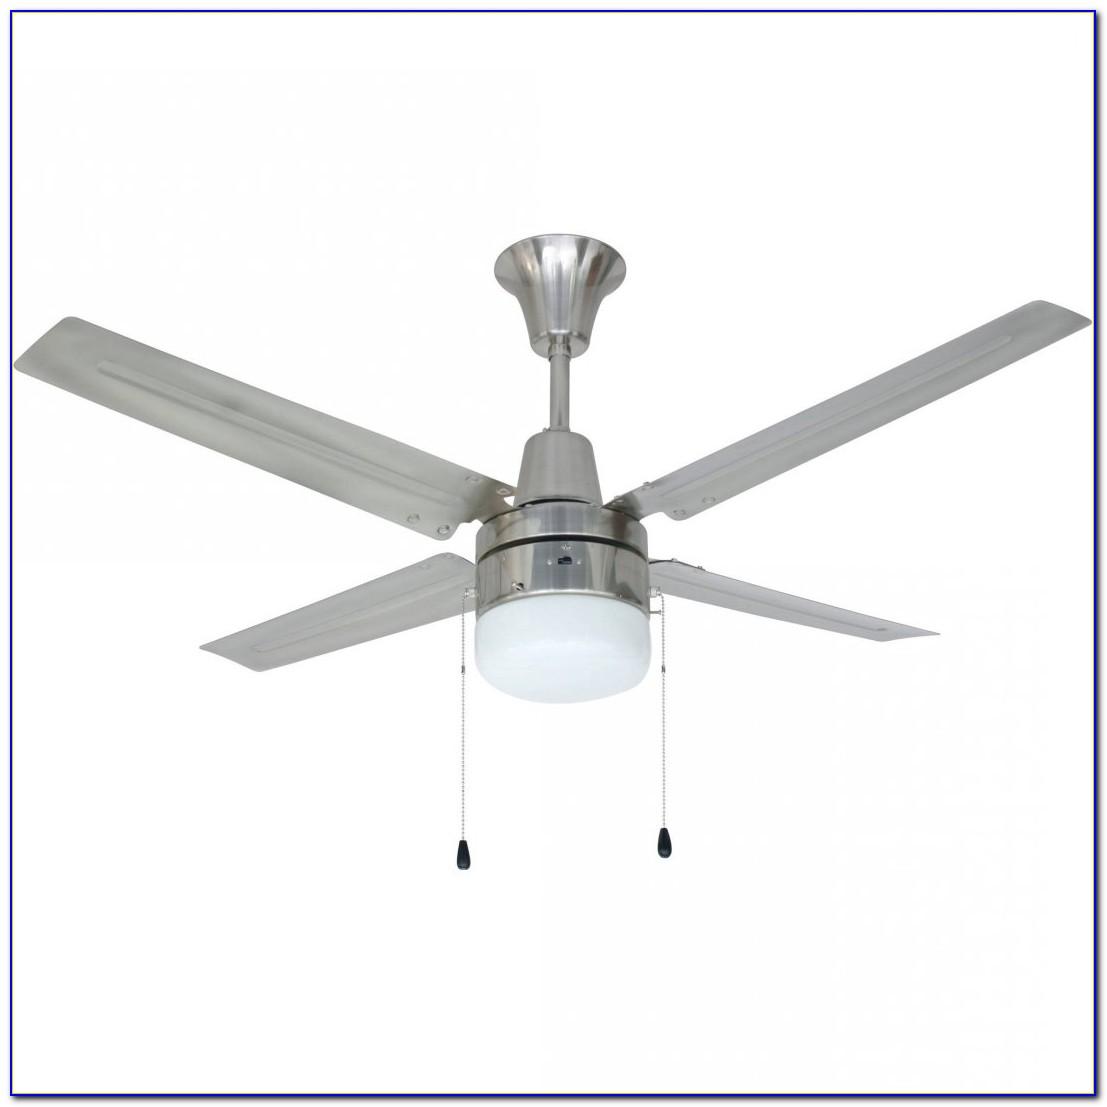 Harbor Breeze Ceiling Fan Switch Housing Cap